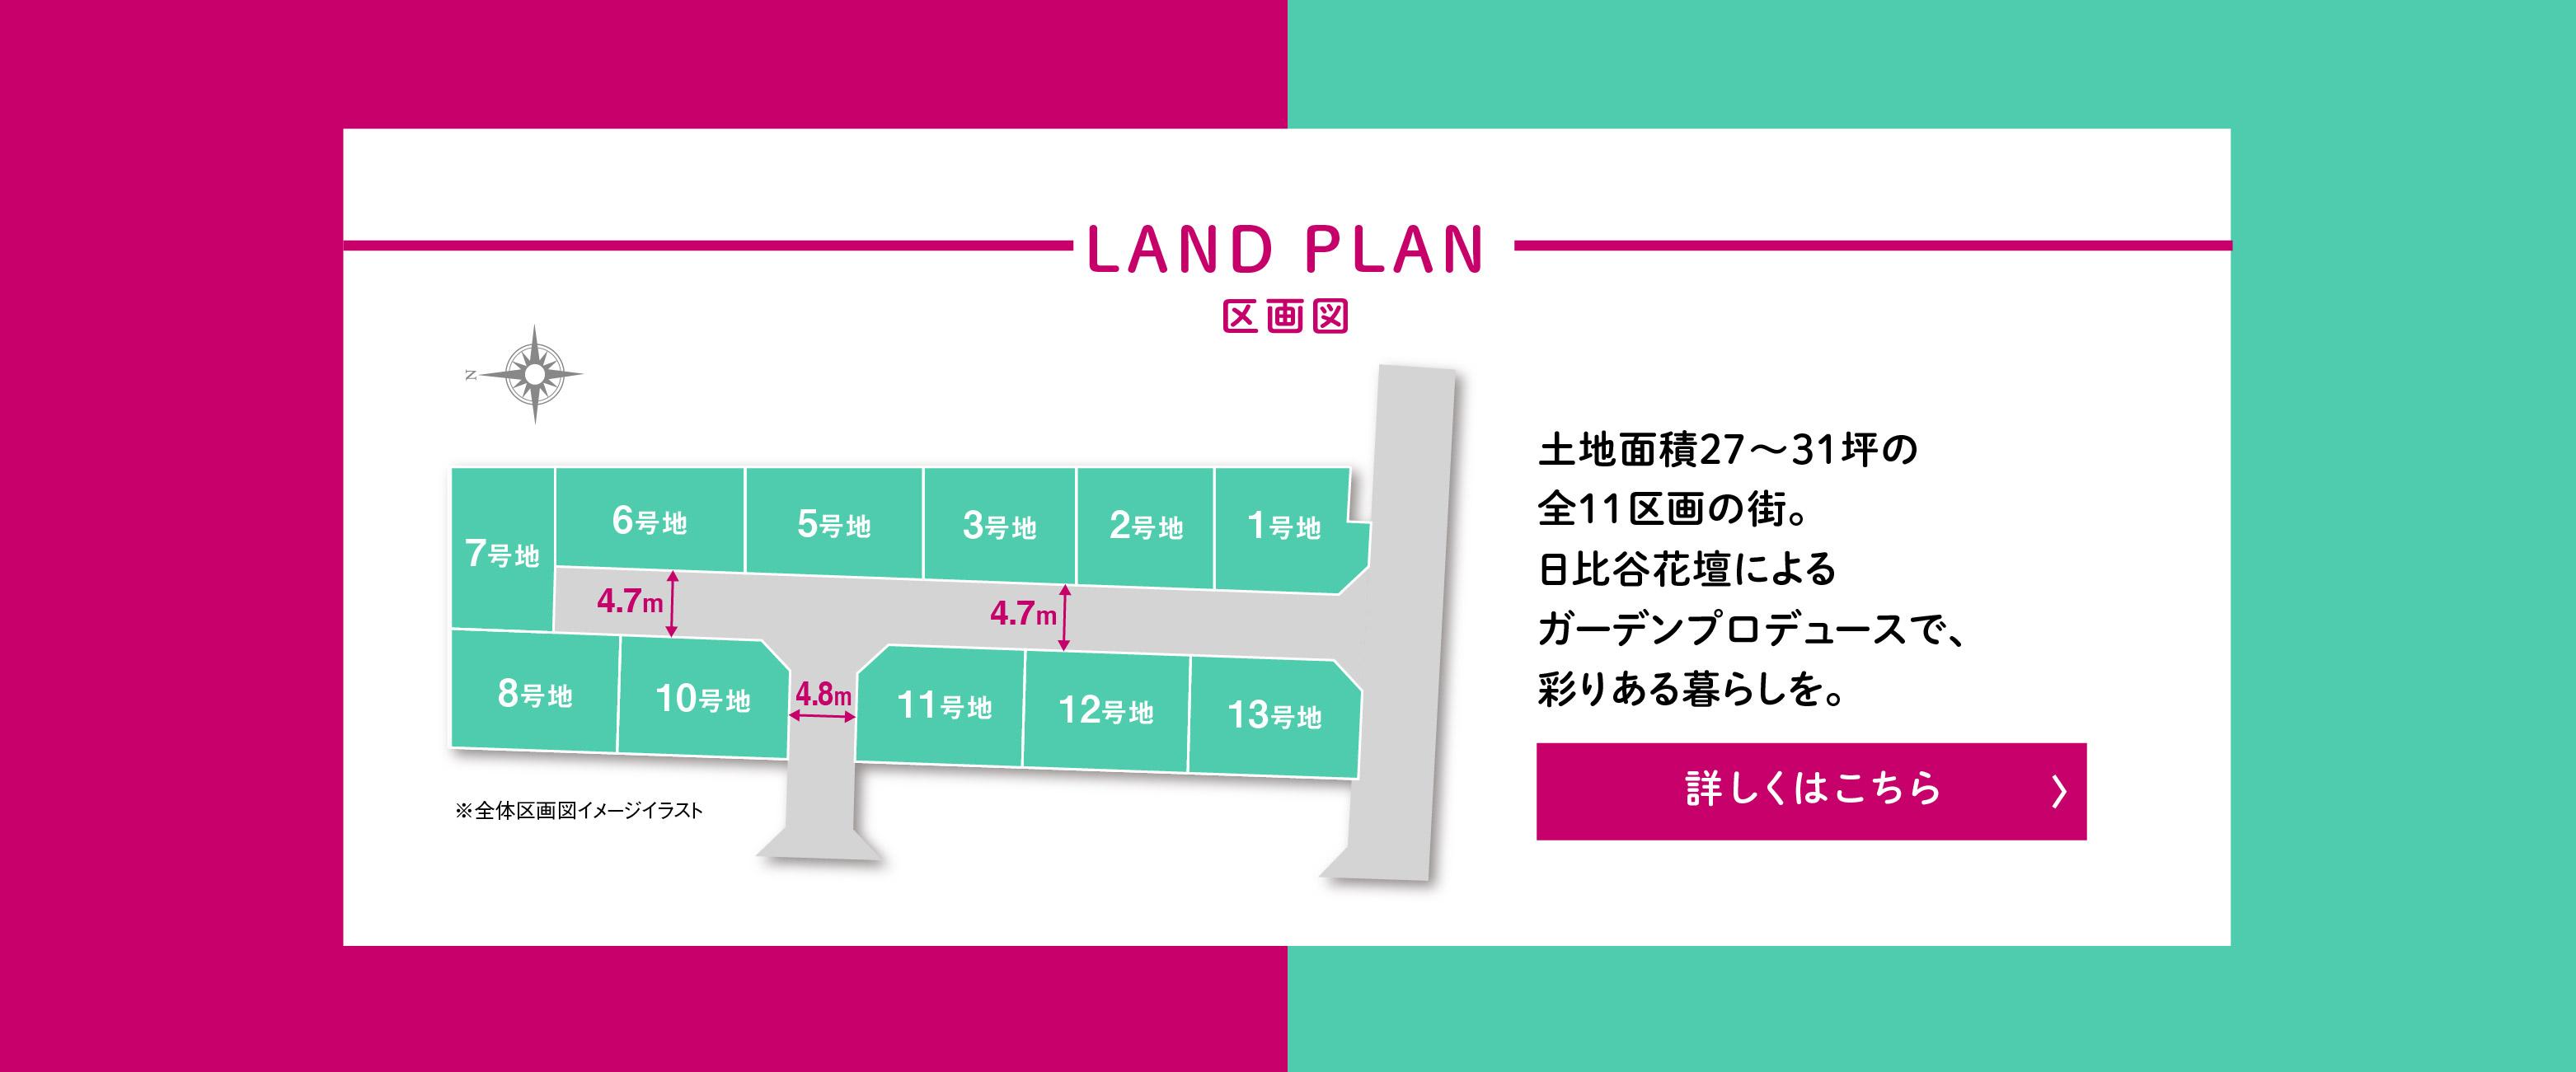 【高槻プレミアム】LAND PLAN